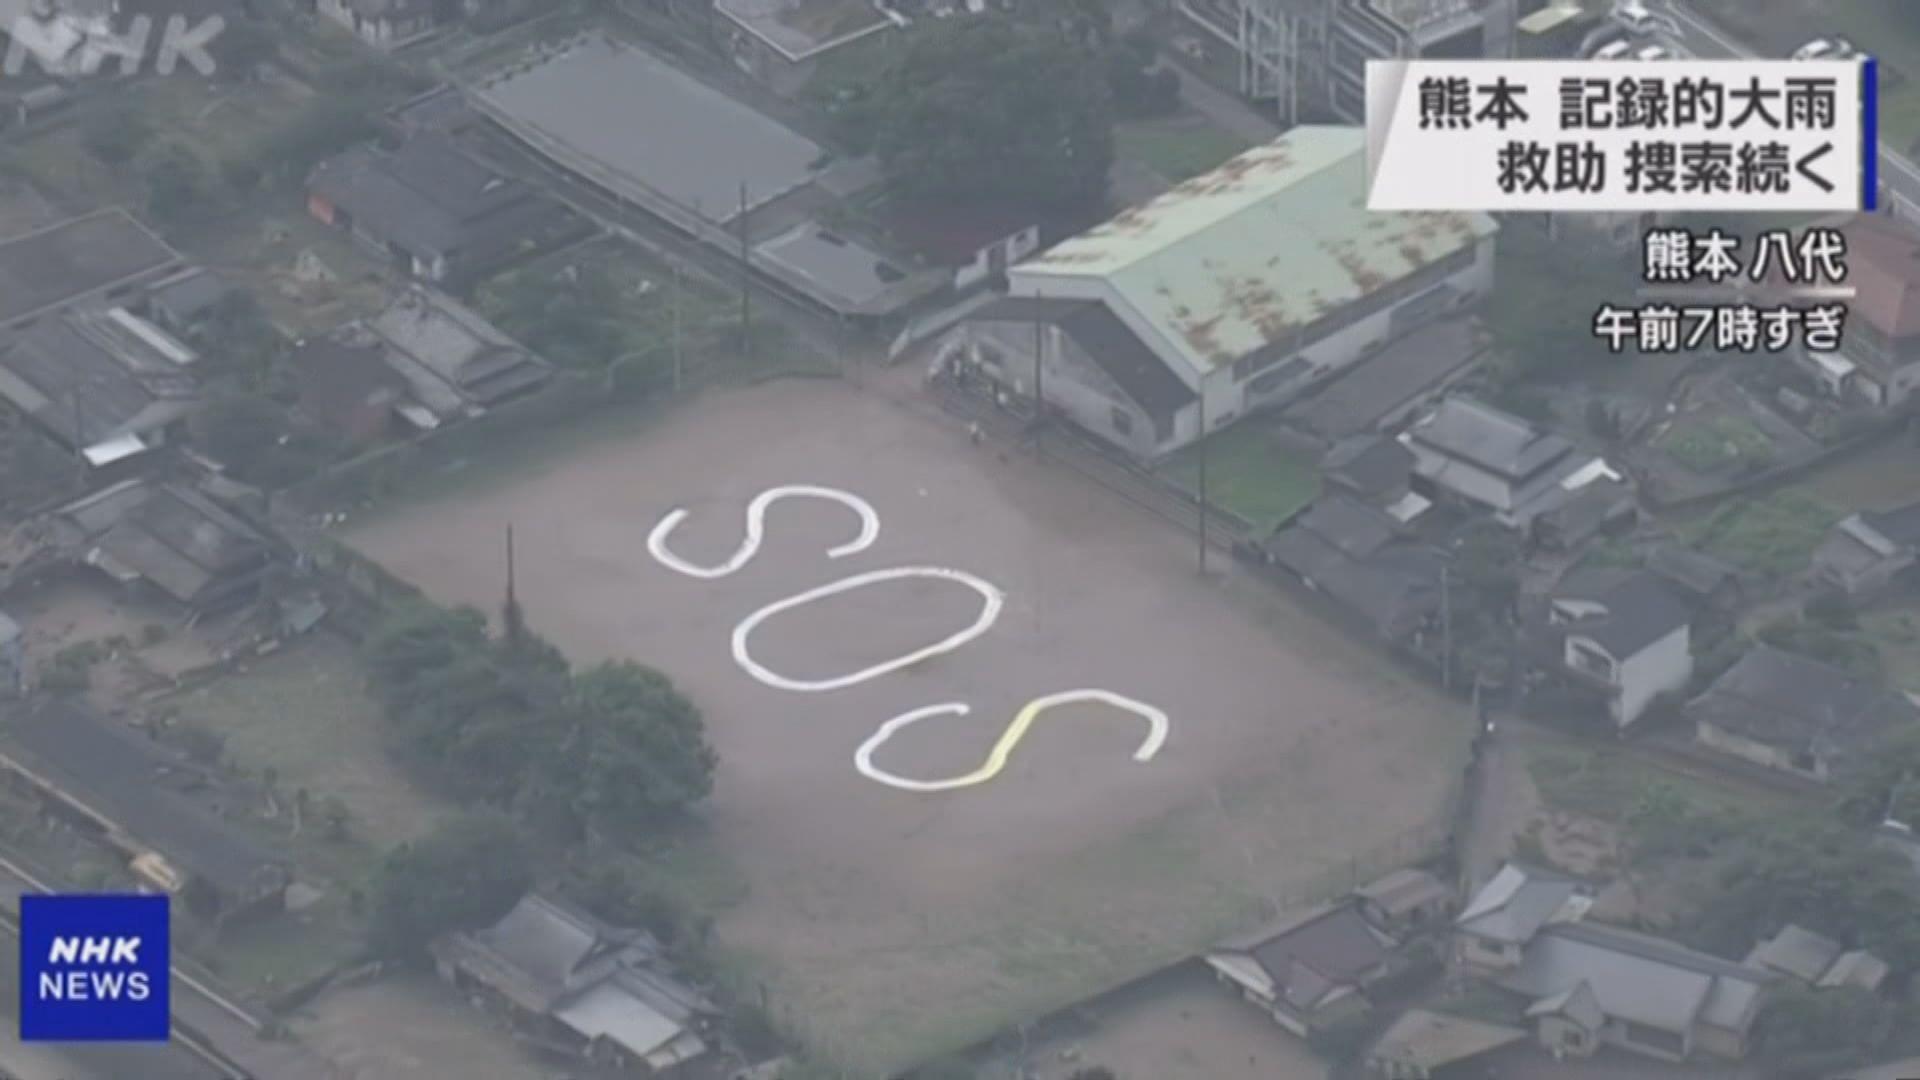 日本九州暴雨成災至少七死 洪水仍未退卻